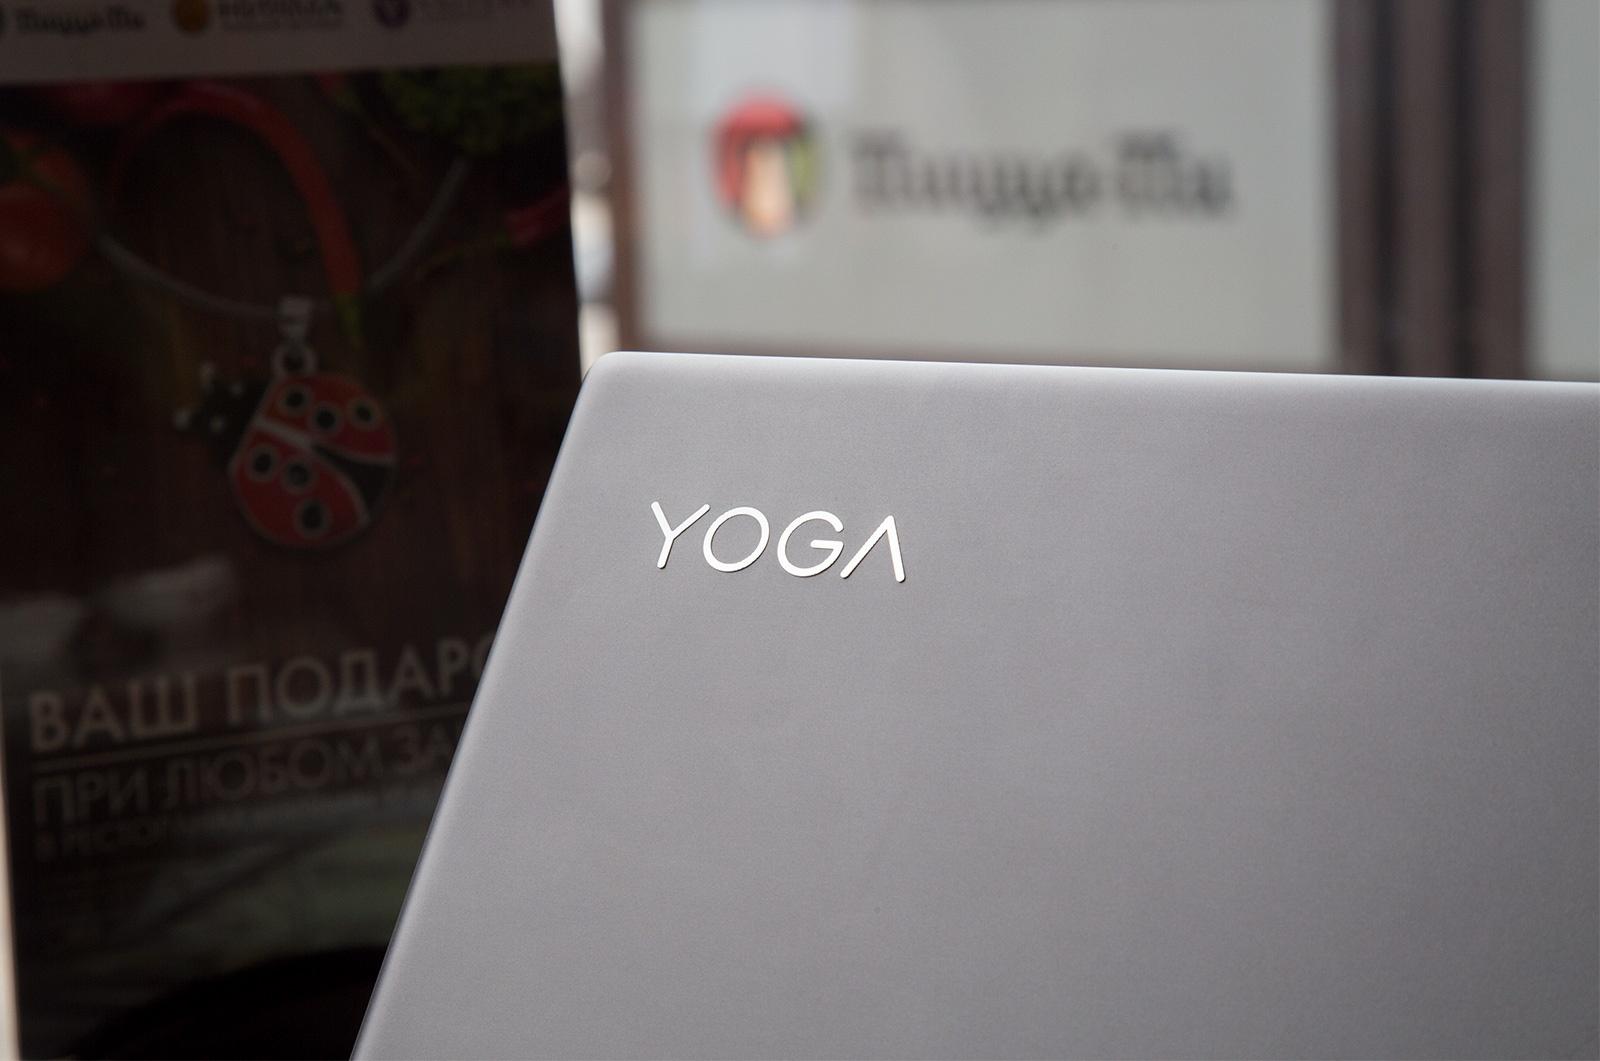 Универсальный Йог. Обзор ноутбука-трансформера Lenovo Yoga 720 - 1